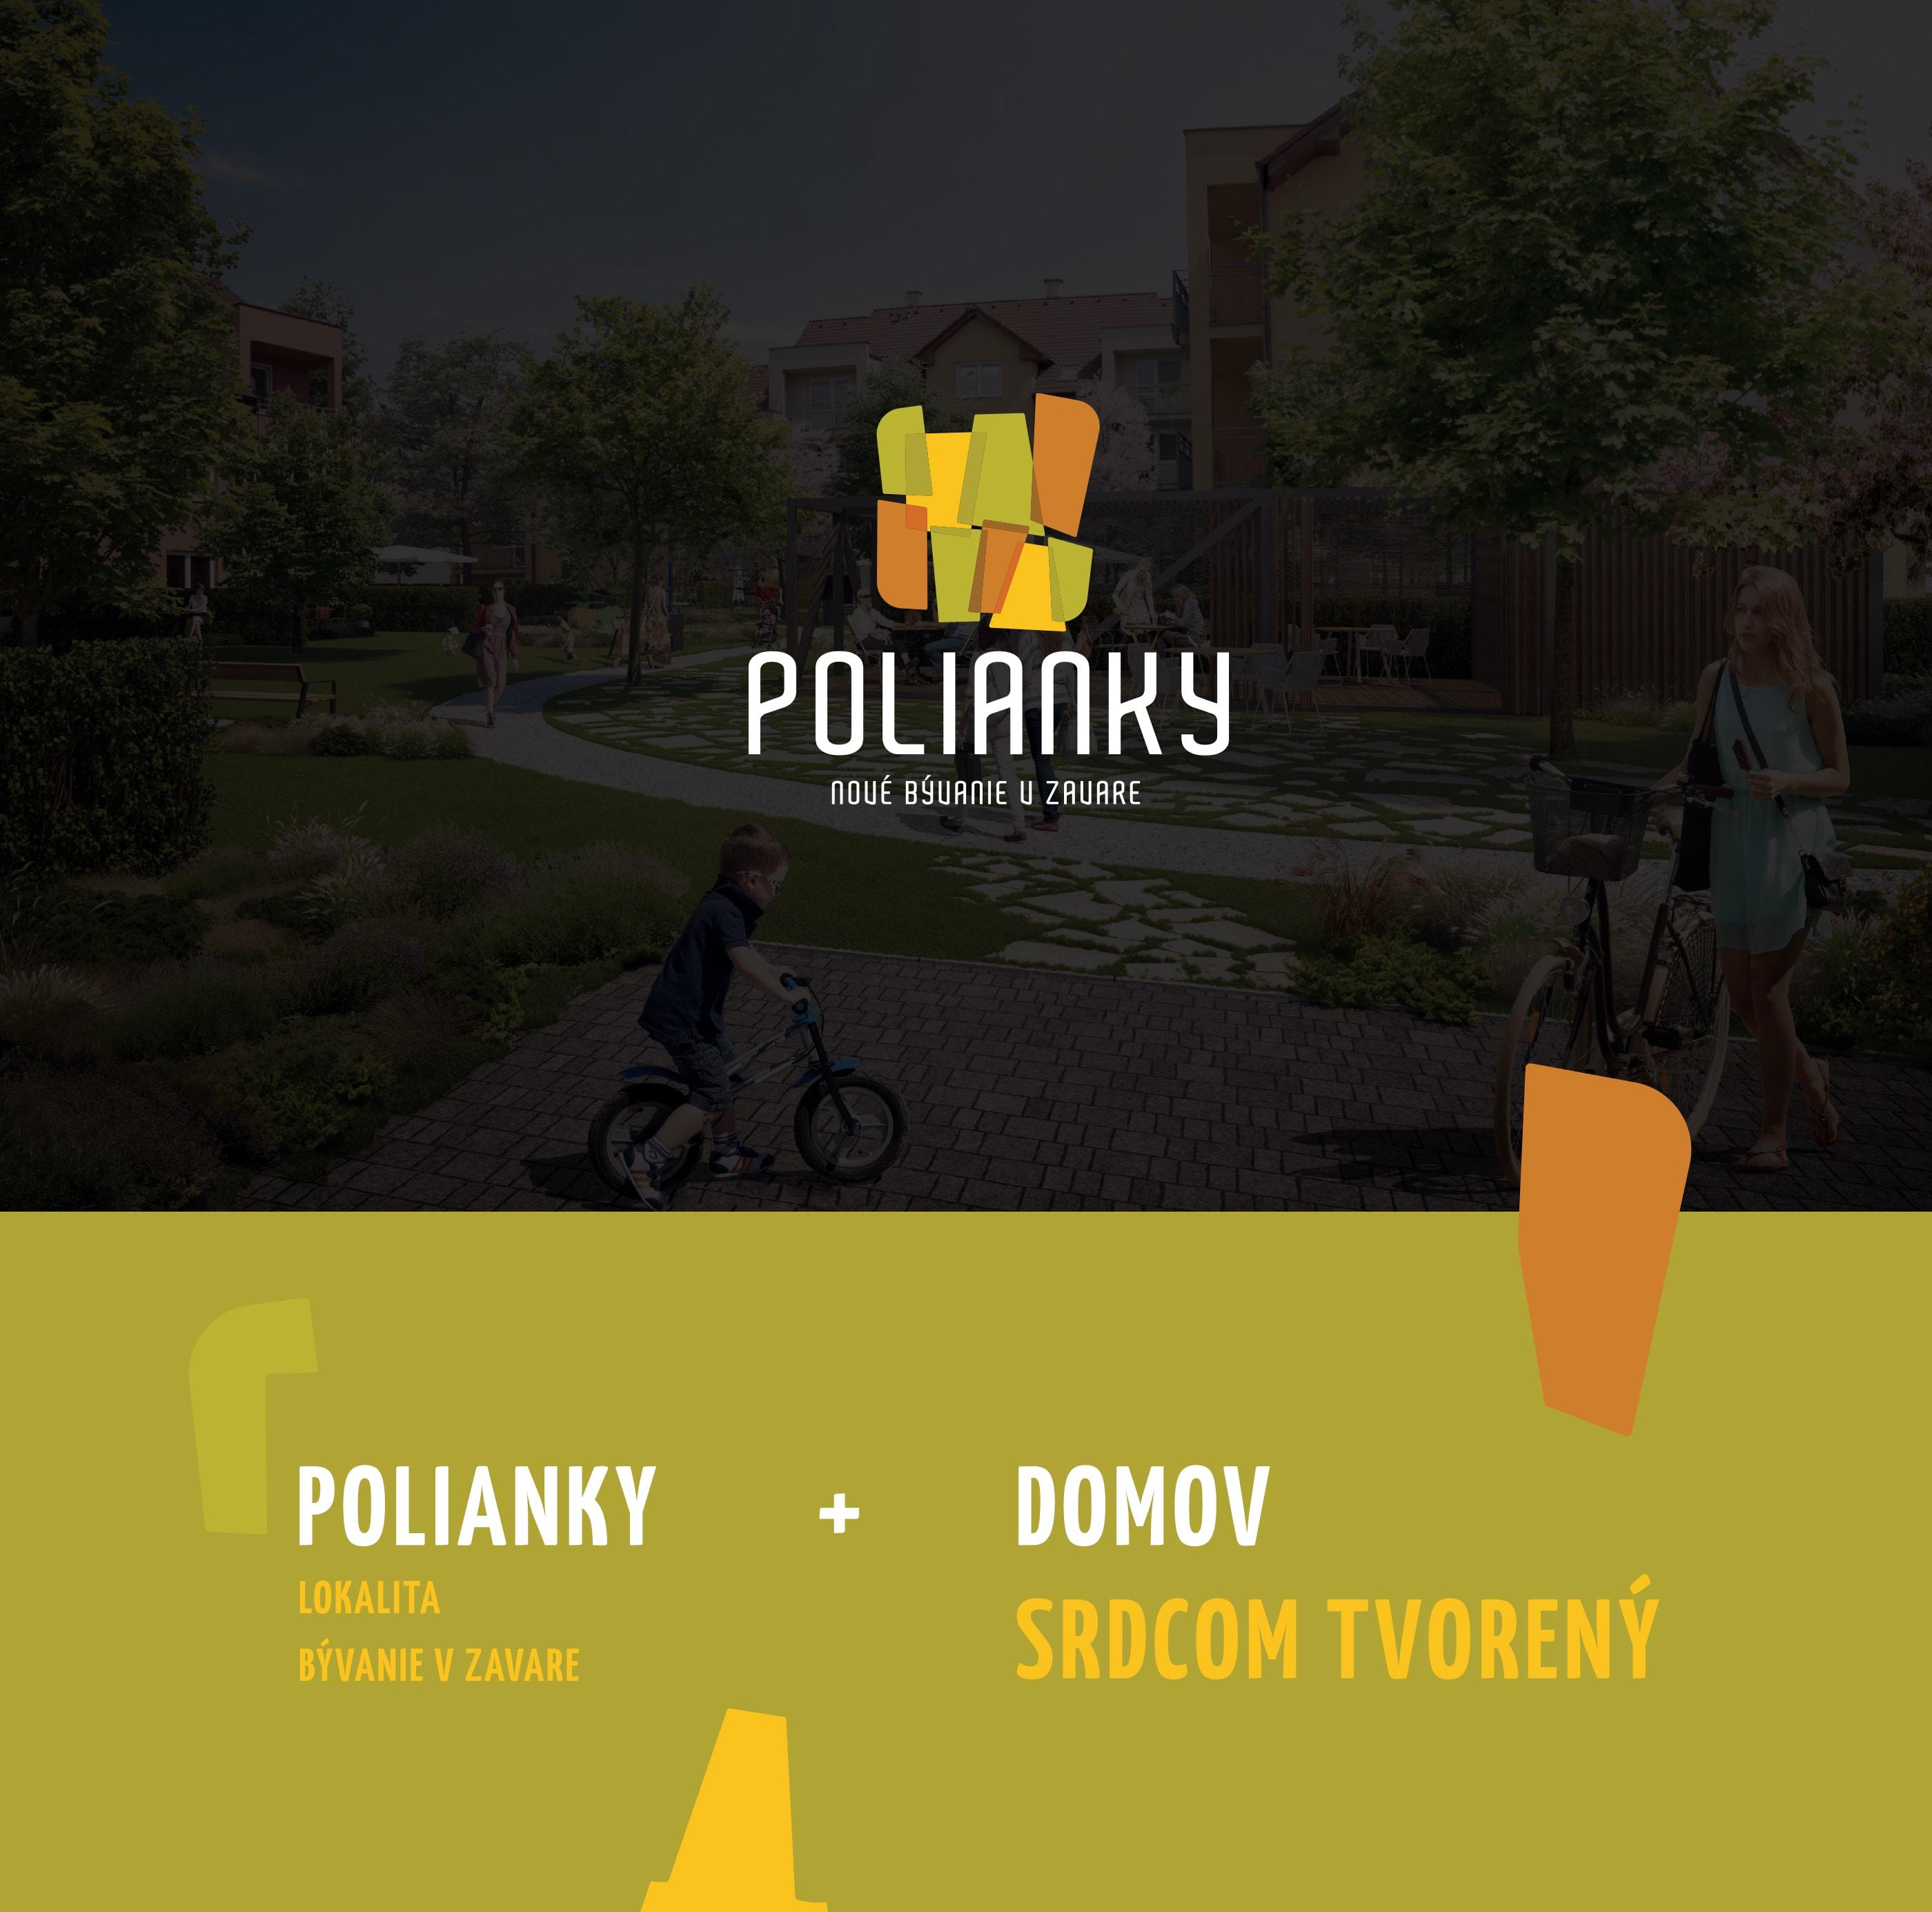 Polianky